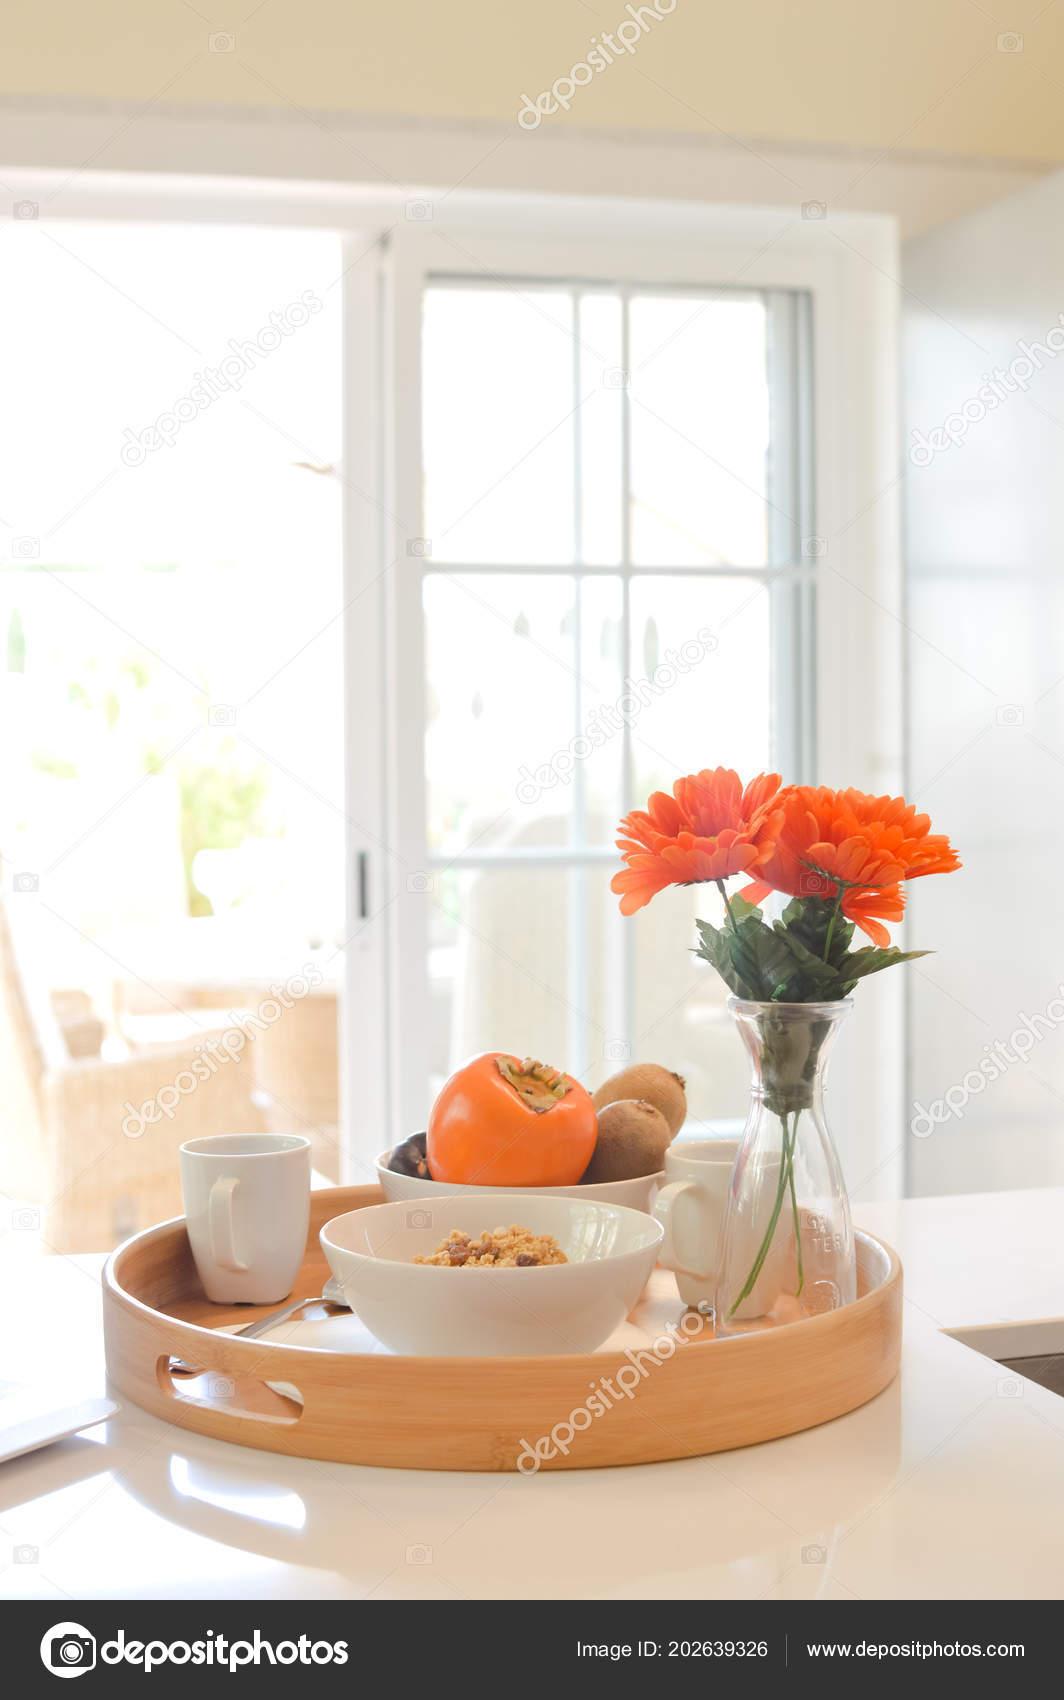 Gesundes Frühstück Mit Tee Oder Kaffee Auf Swimming Pool ...